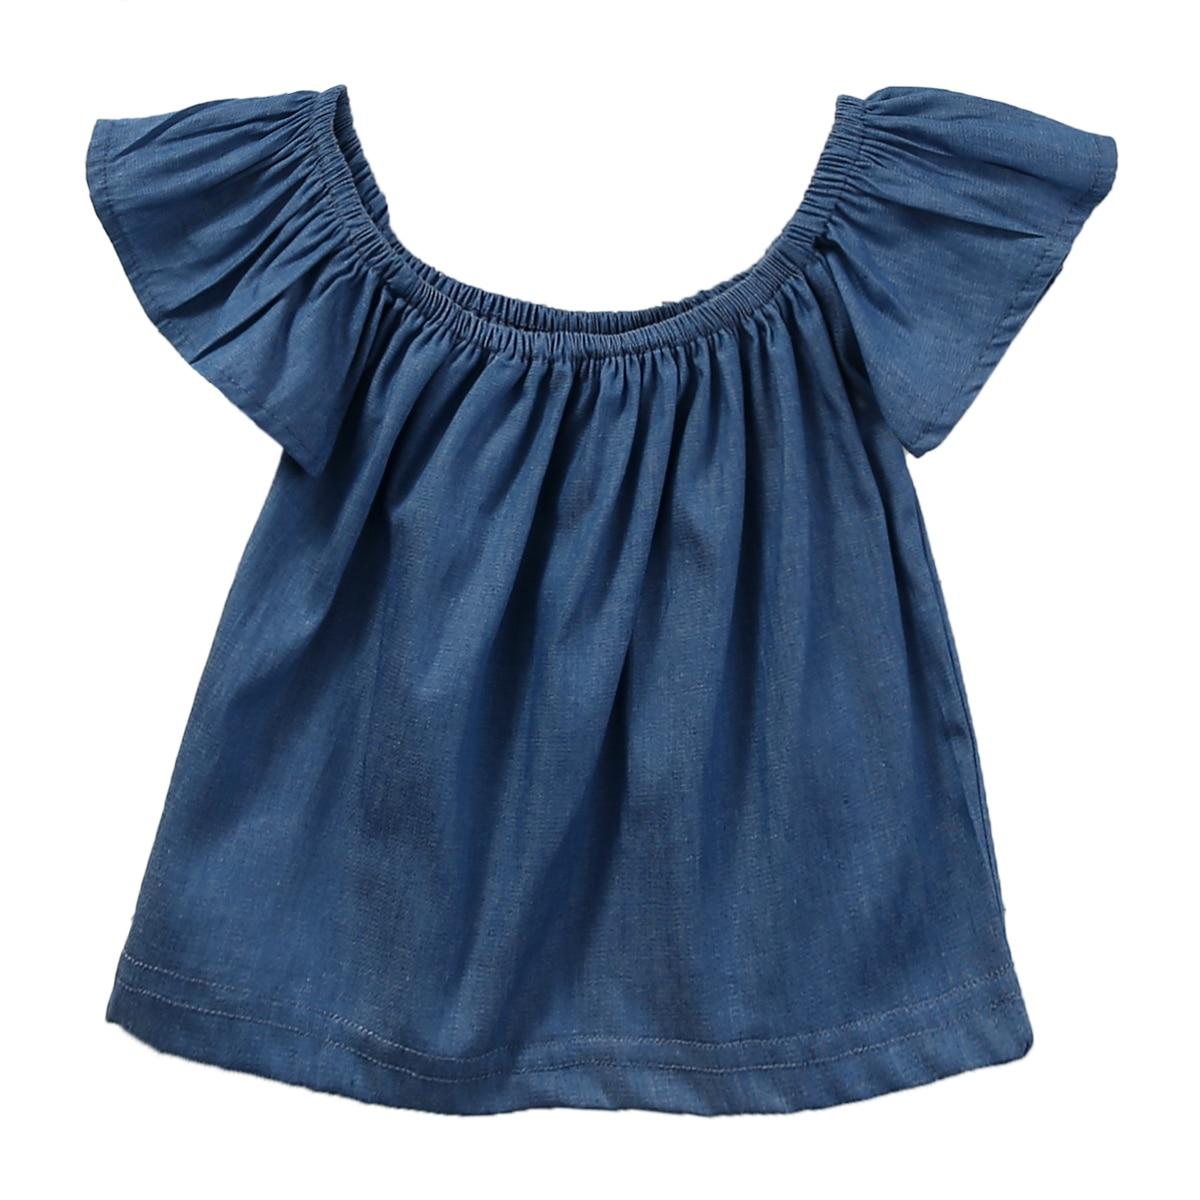 100% Waar Baby Meisje Blouse 2017 Hot Mode Off Schouder Zoete Peuter Meisje Kinderkleding Demin Blouse Peuter Lace Top Tee Outfits